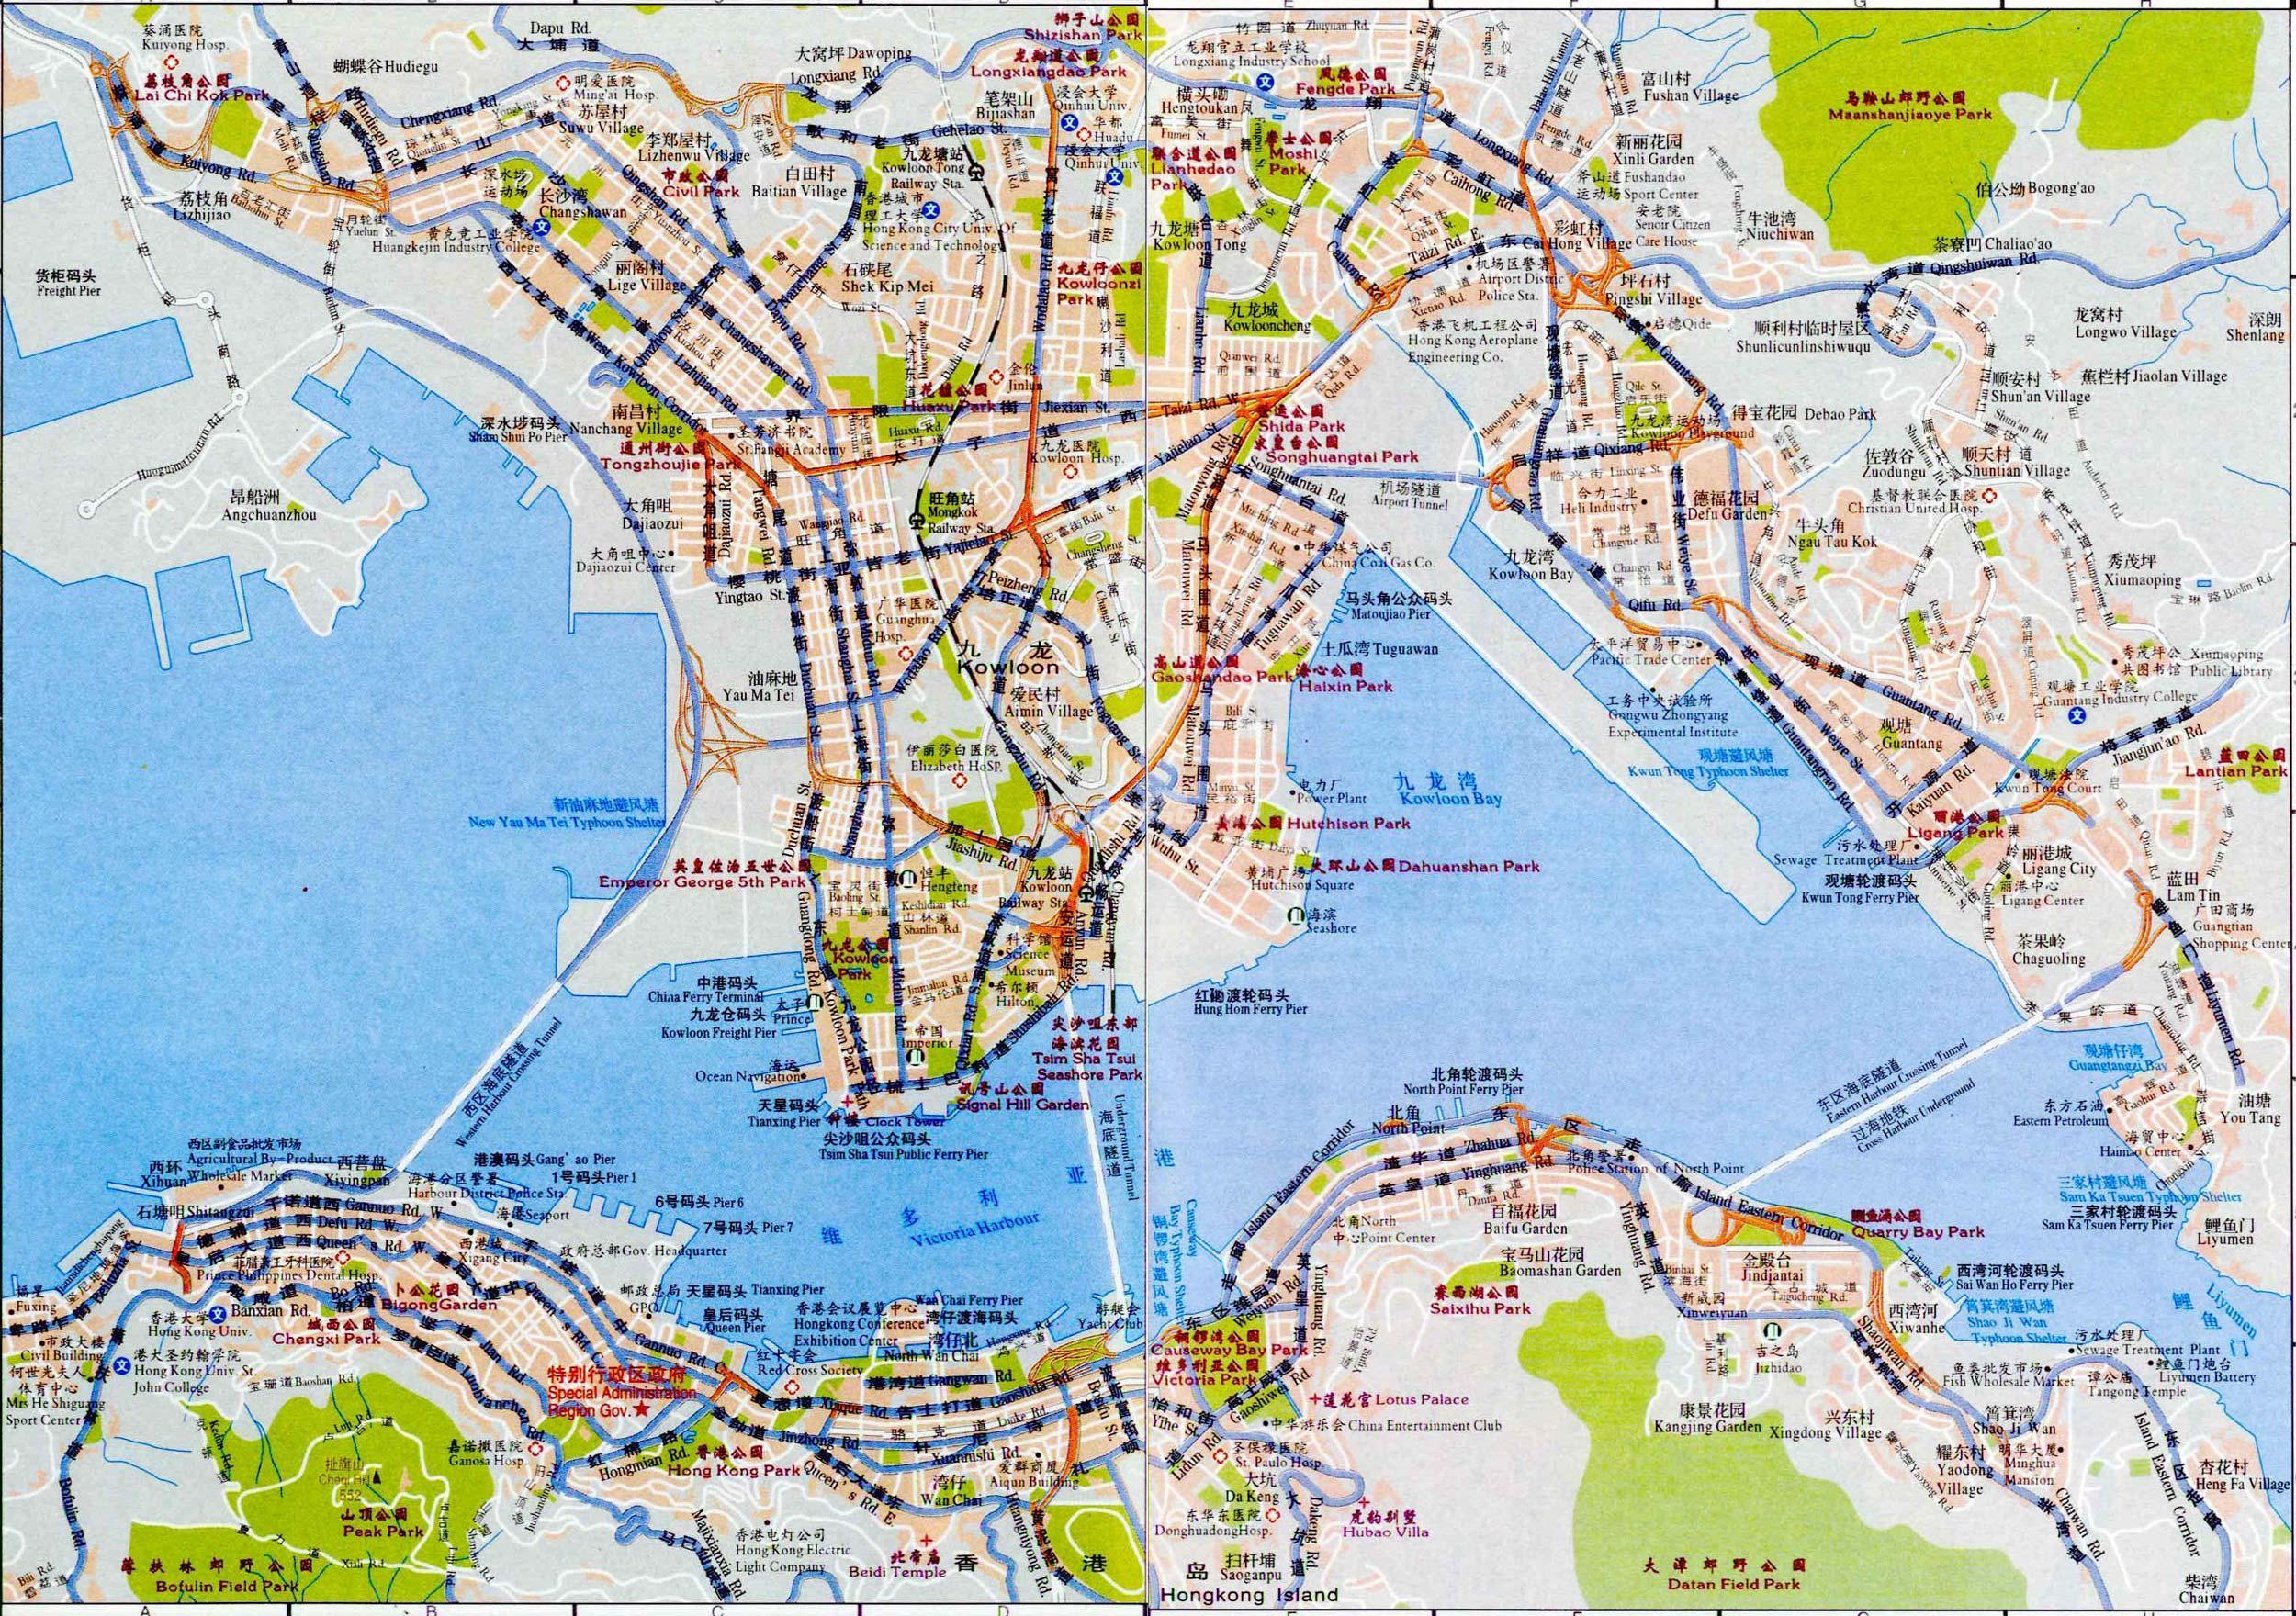 Map of Hong Kong - Maps of Hong Kong Map Hong Kong on korea map, israel map, kowloon street map, asia map, kuwait map, macau map, malaysia map, china map, colombia map, canada map, angkor map, taiwan map, japan map, tsim sha tsui map, world map, singapore map, australia map, mongolia map, global map, india map,